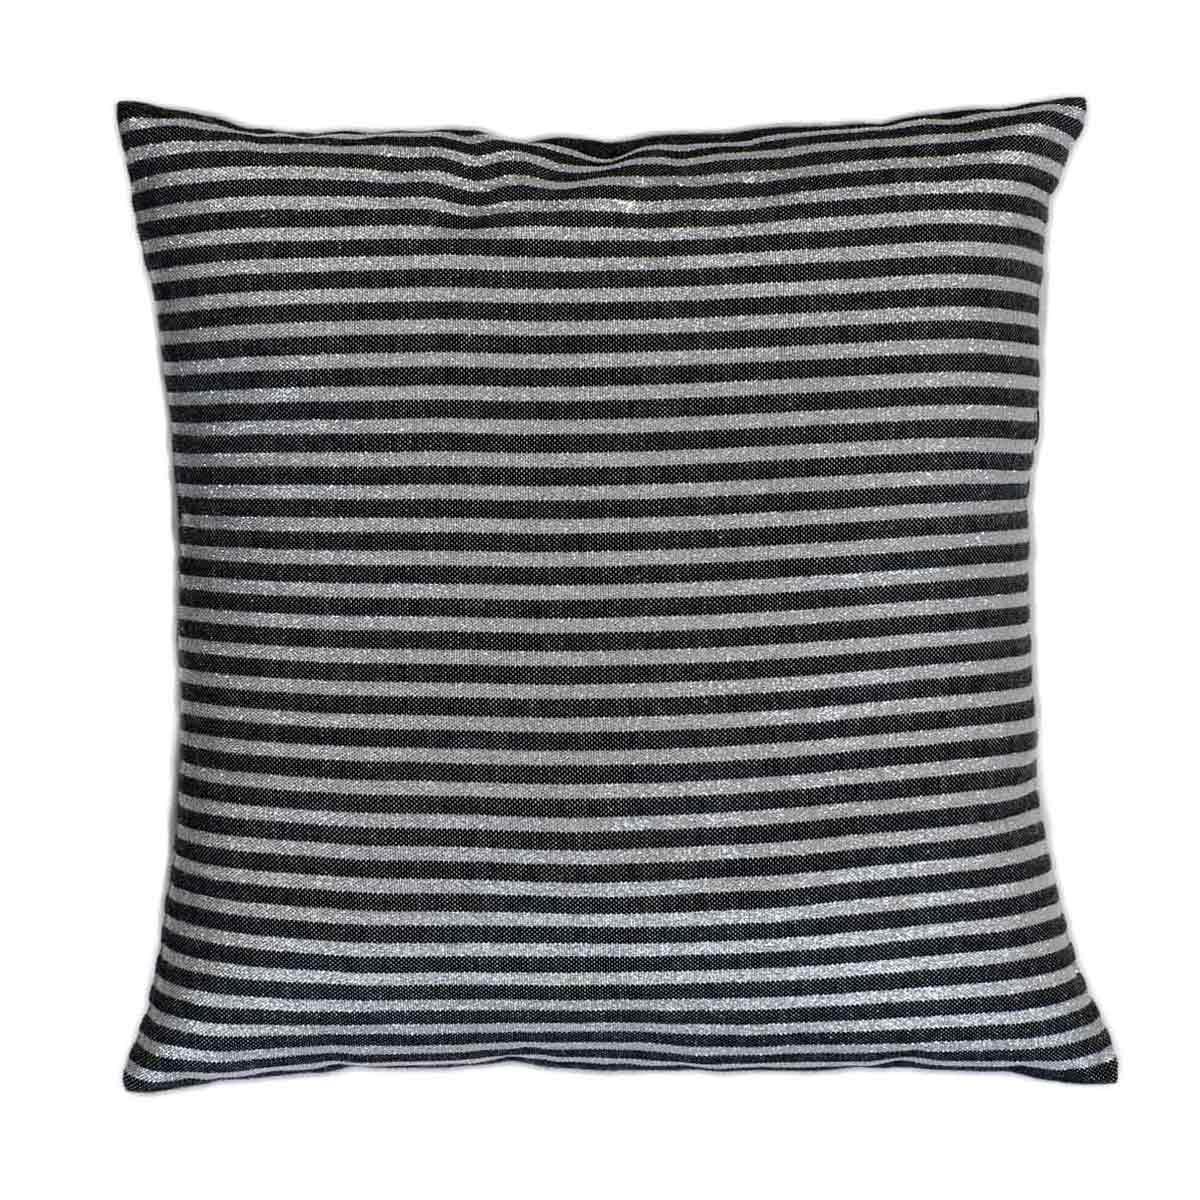 BODRUM - Housse de coussin coton fond noir et rayures argent 40 x 40